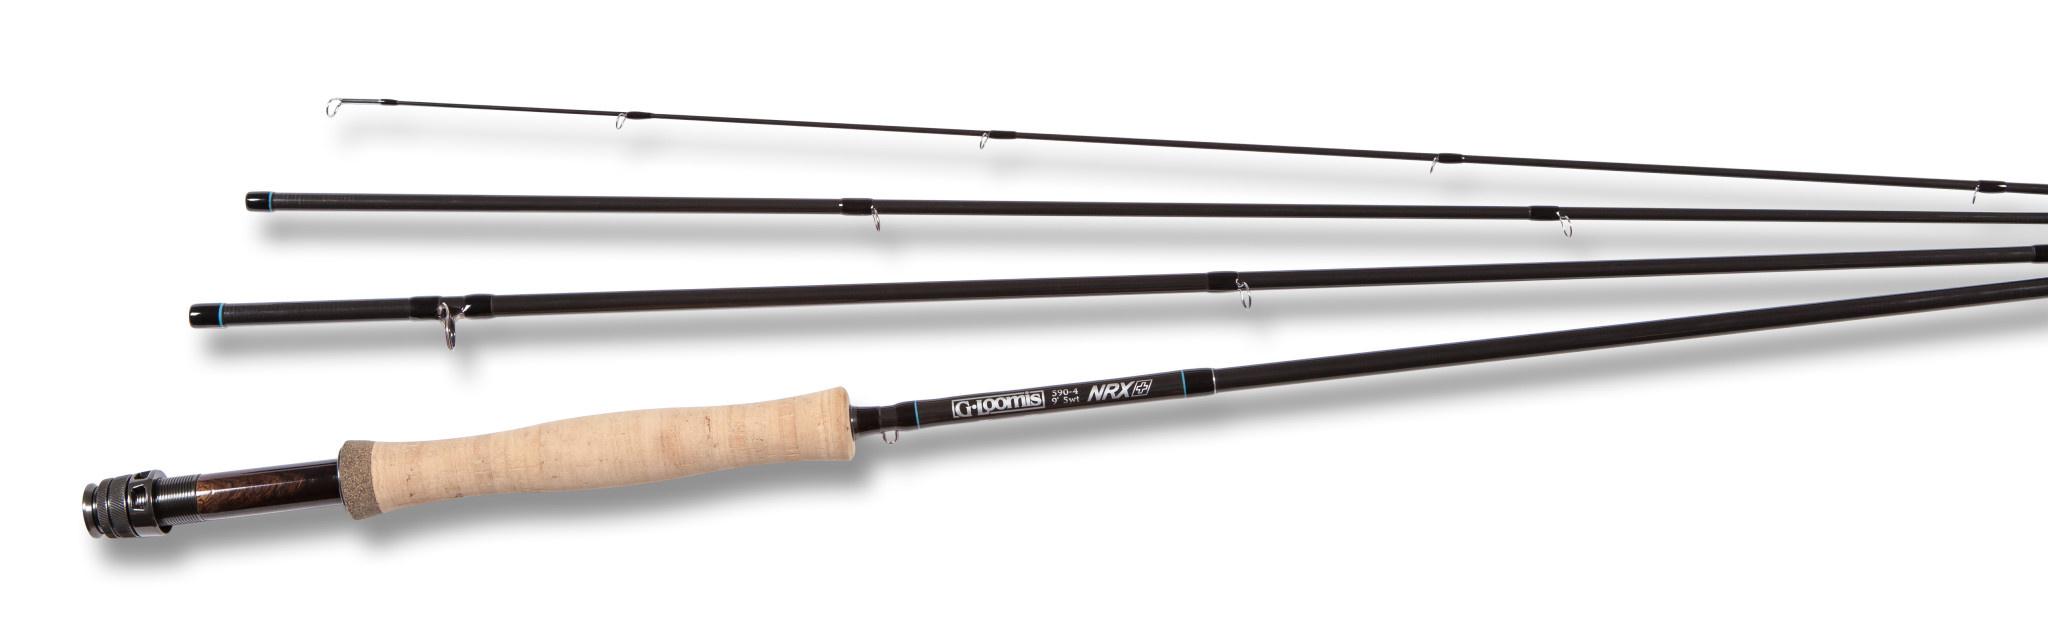 G. Loomis 2020 G. Loomis NRX Plus Freshwater